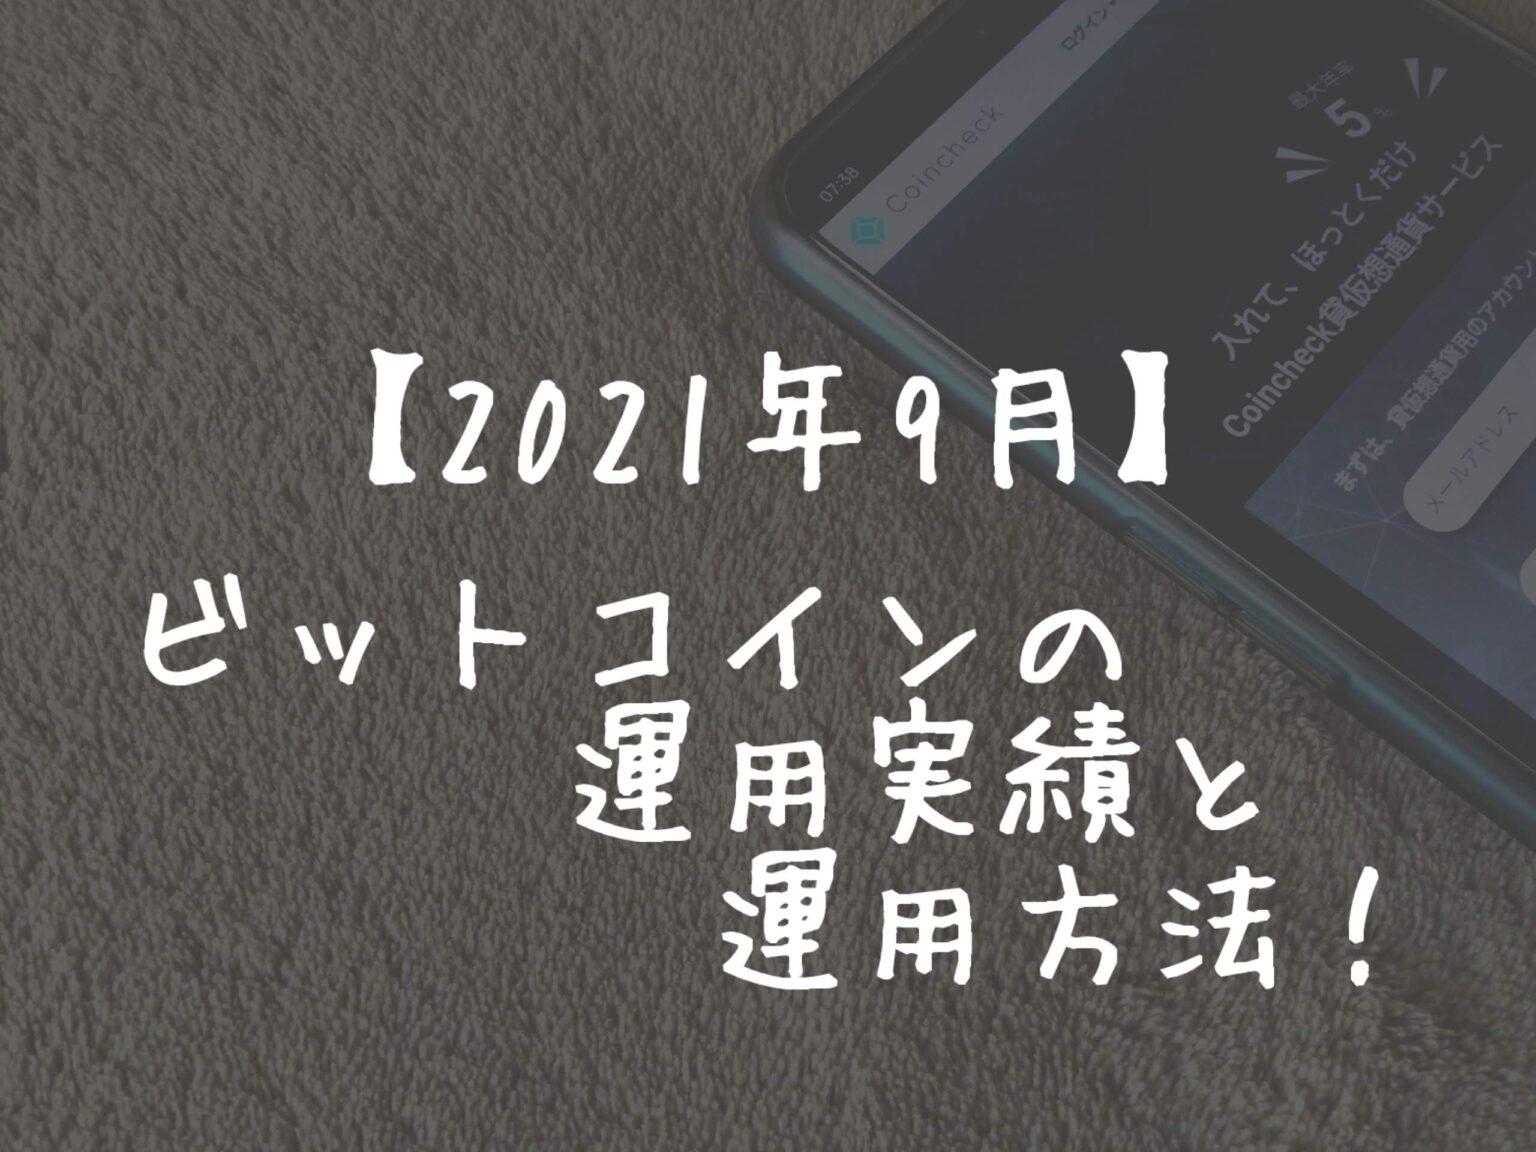 【4か月目!+542,938円】ビットコインの運用実績と運用方法(21.9)